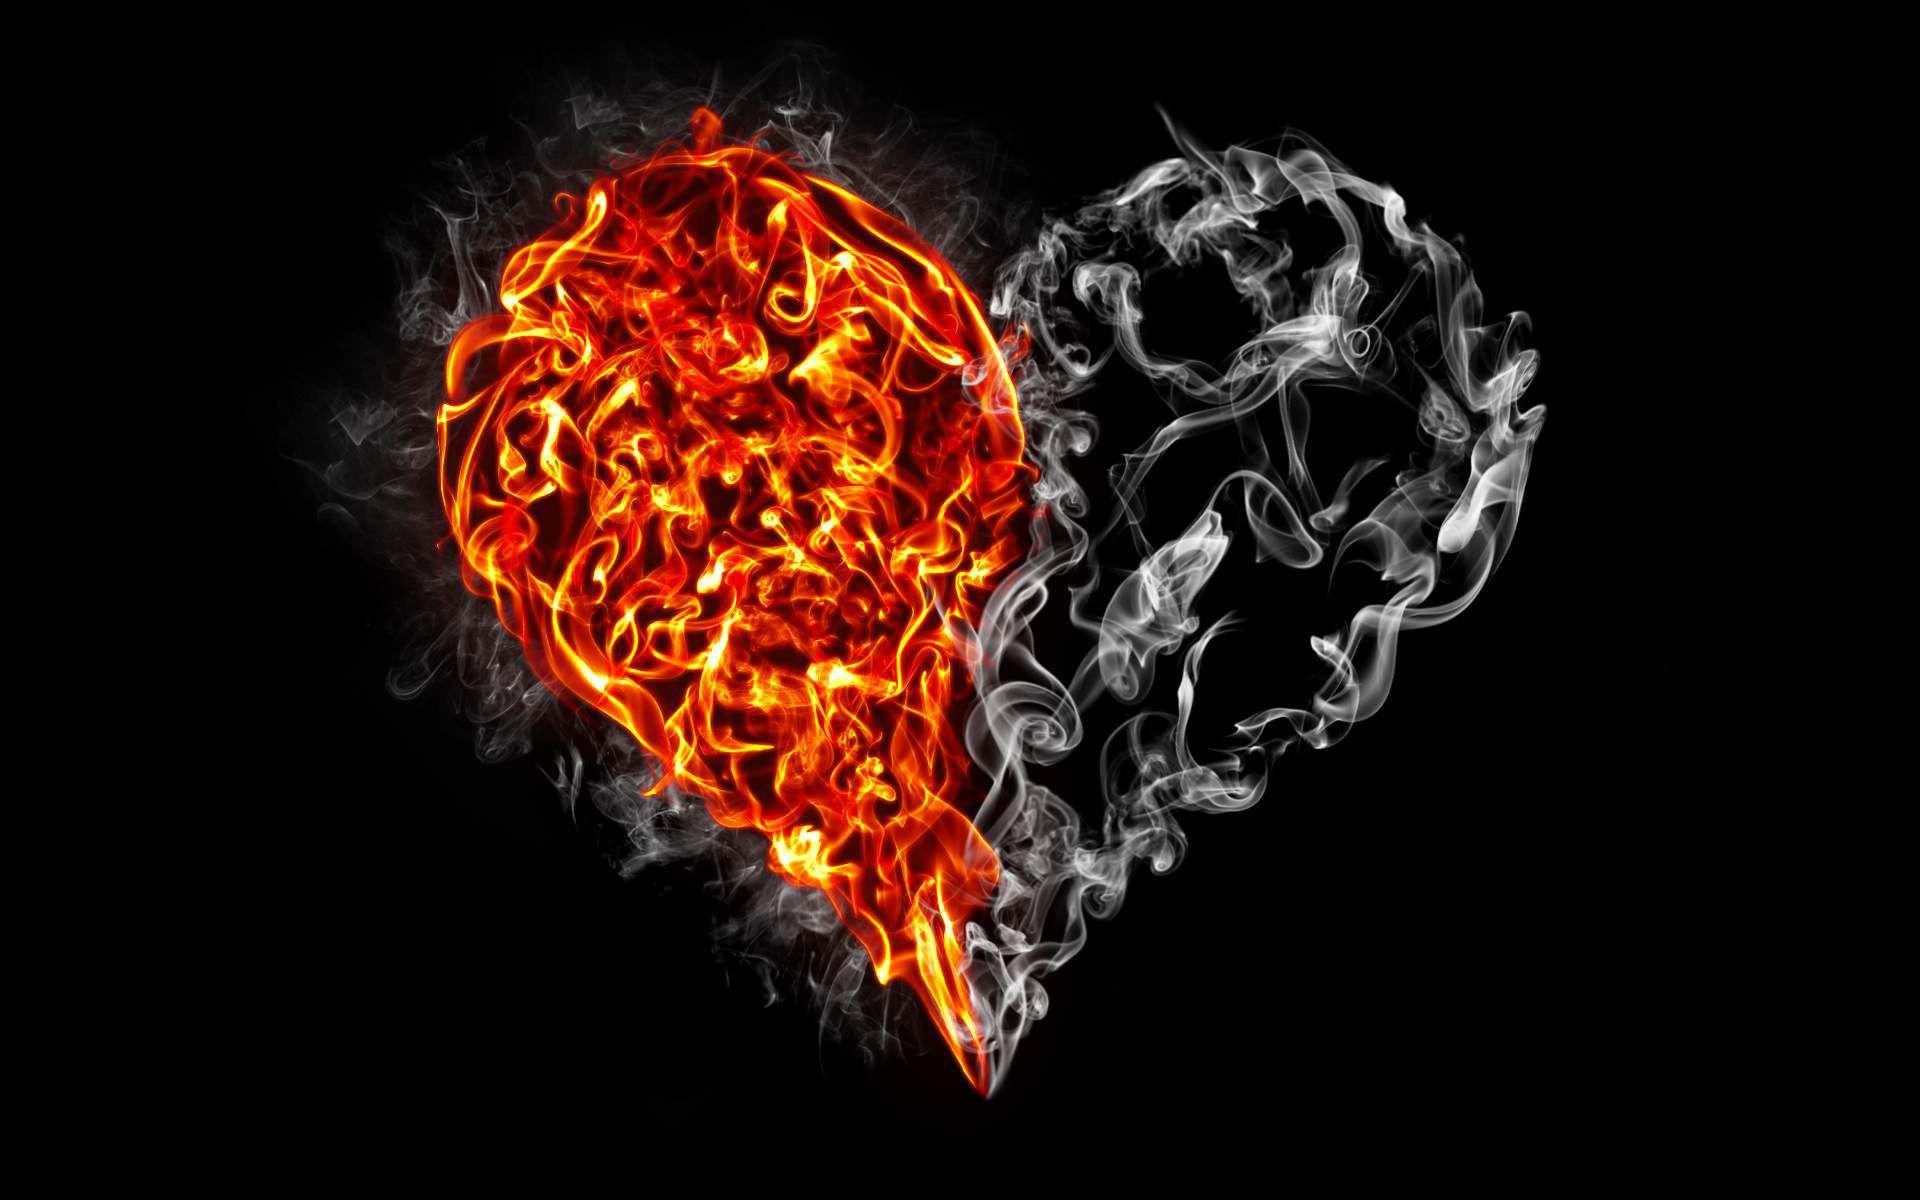 Smoke Heart And Fire Heart Art Wallpaper Gfxhive Love